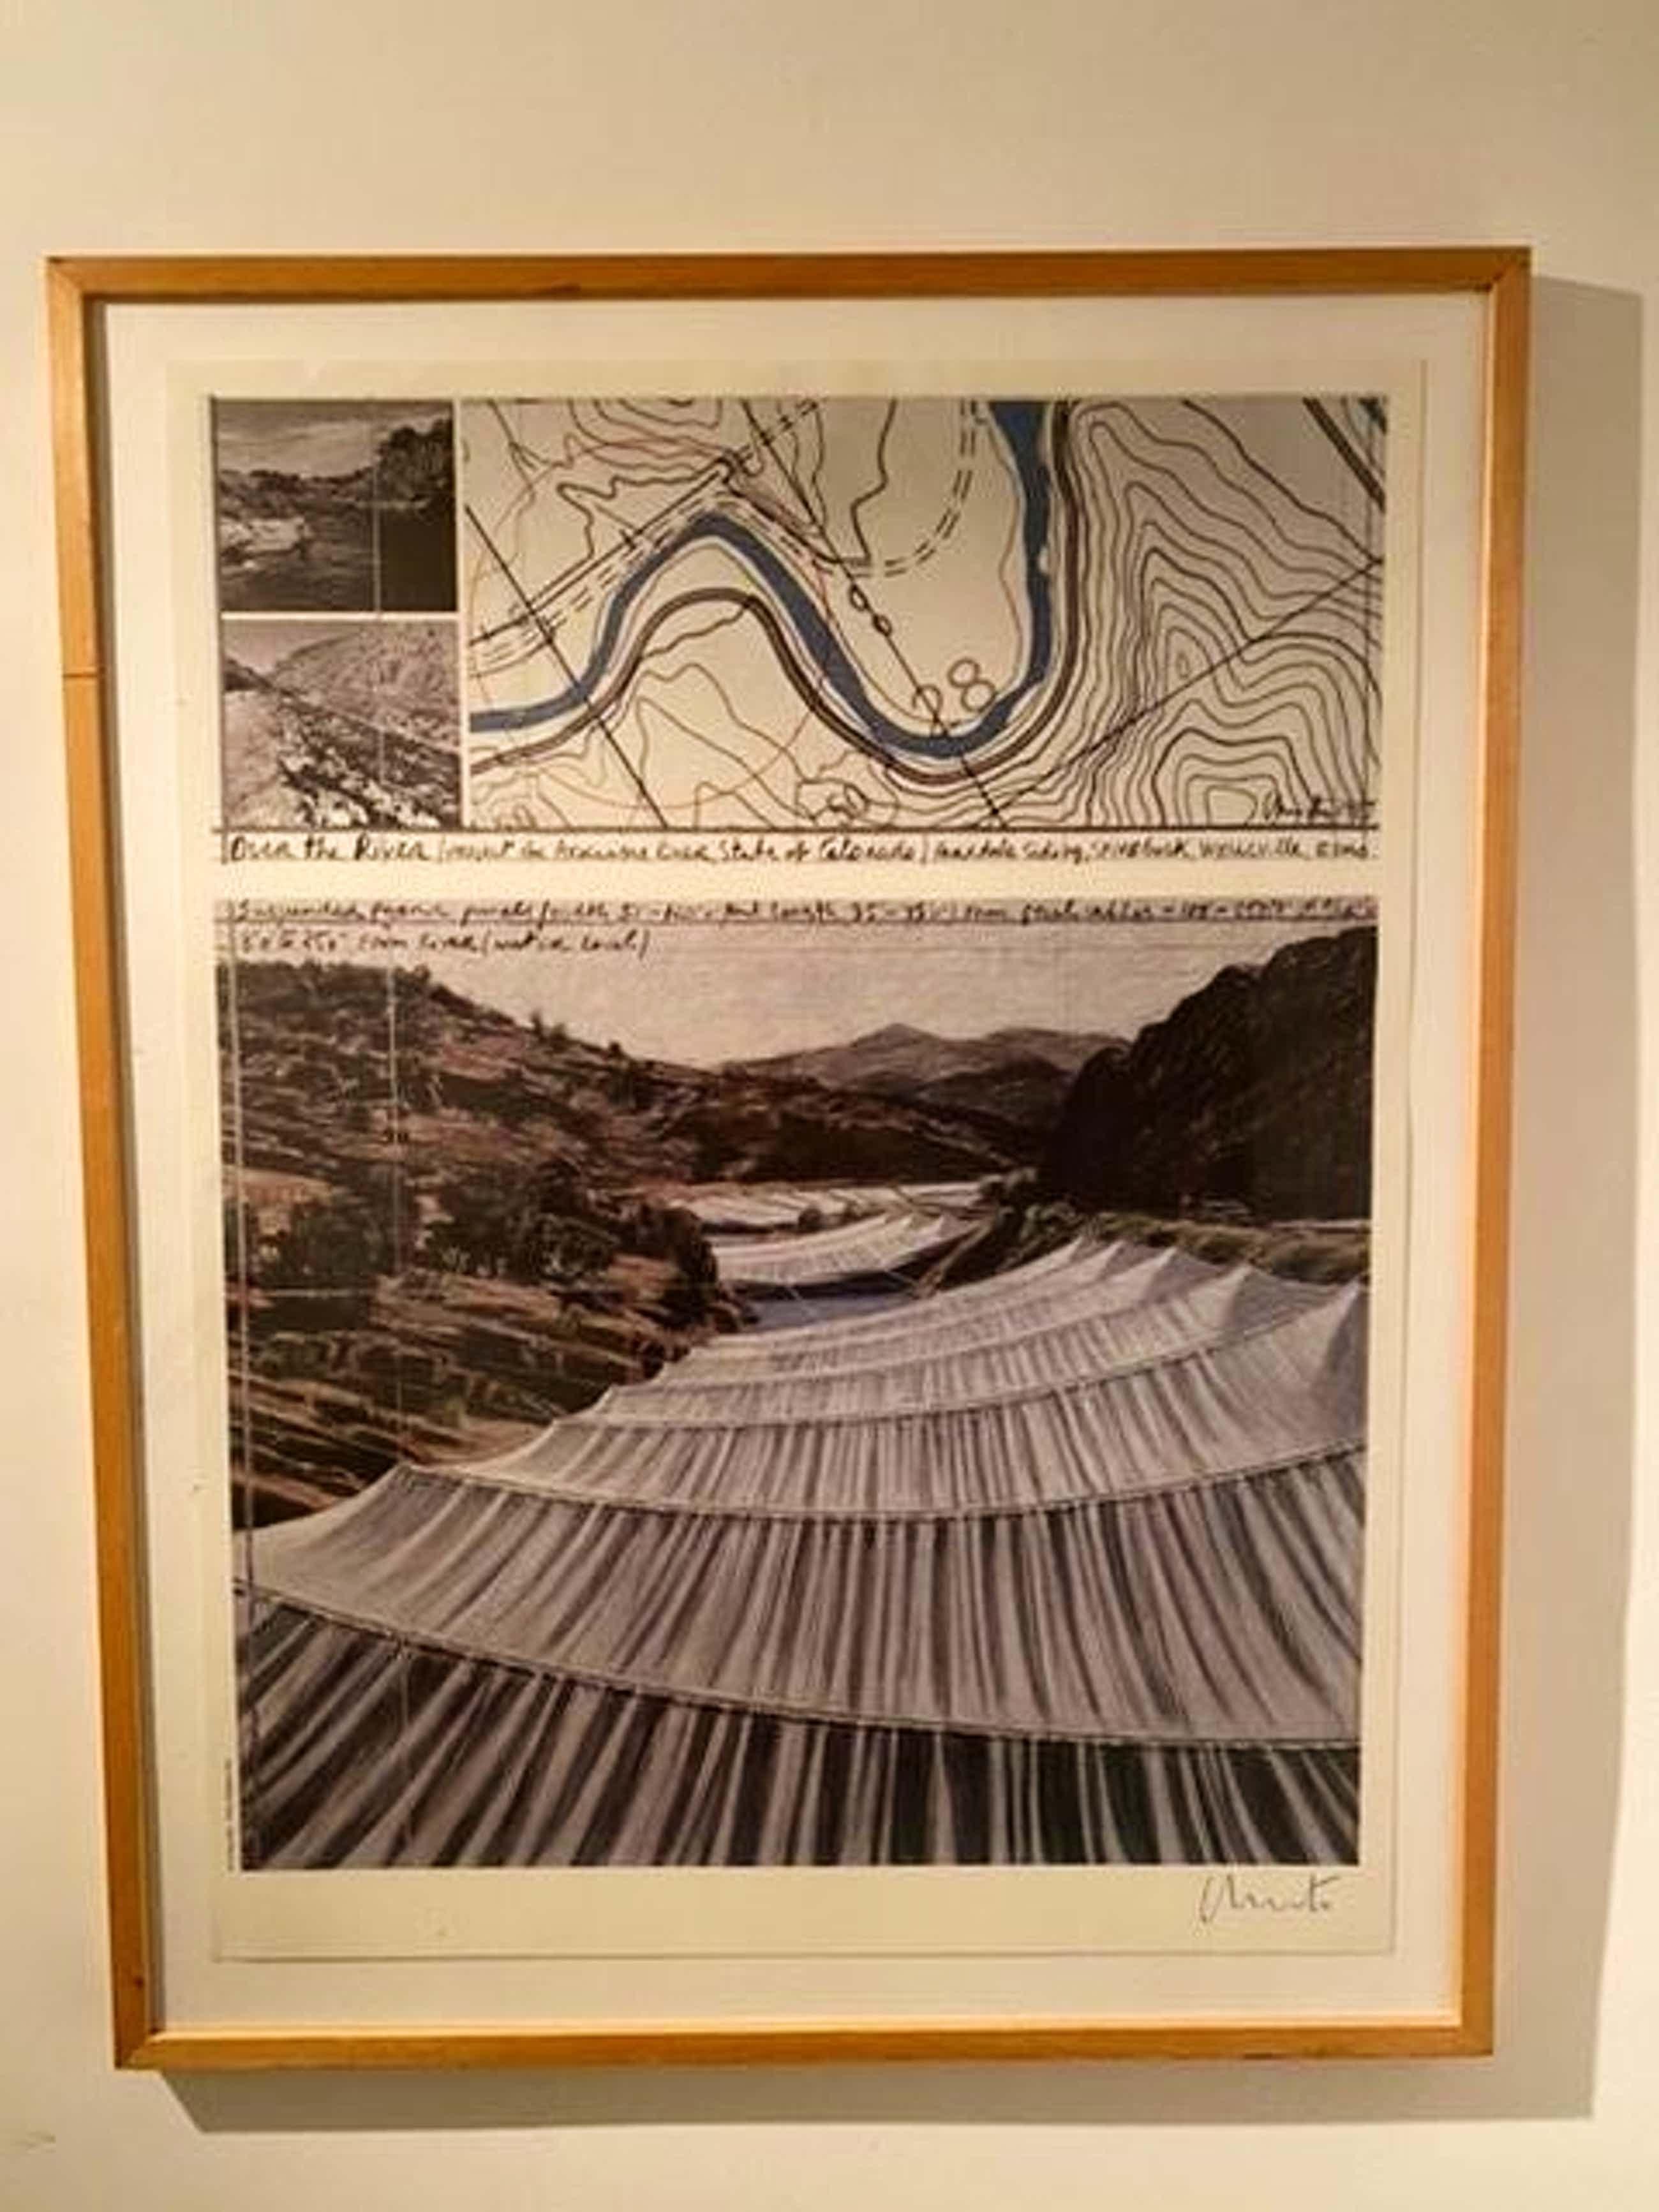 Christo - Over the River - Grote litho ingelijst - Handgesigneerd kopen? Bied vanaf 630!